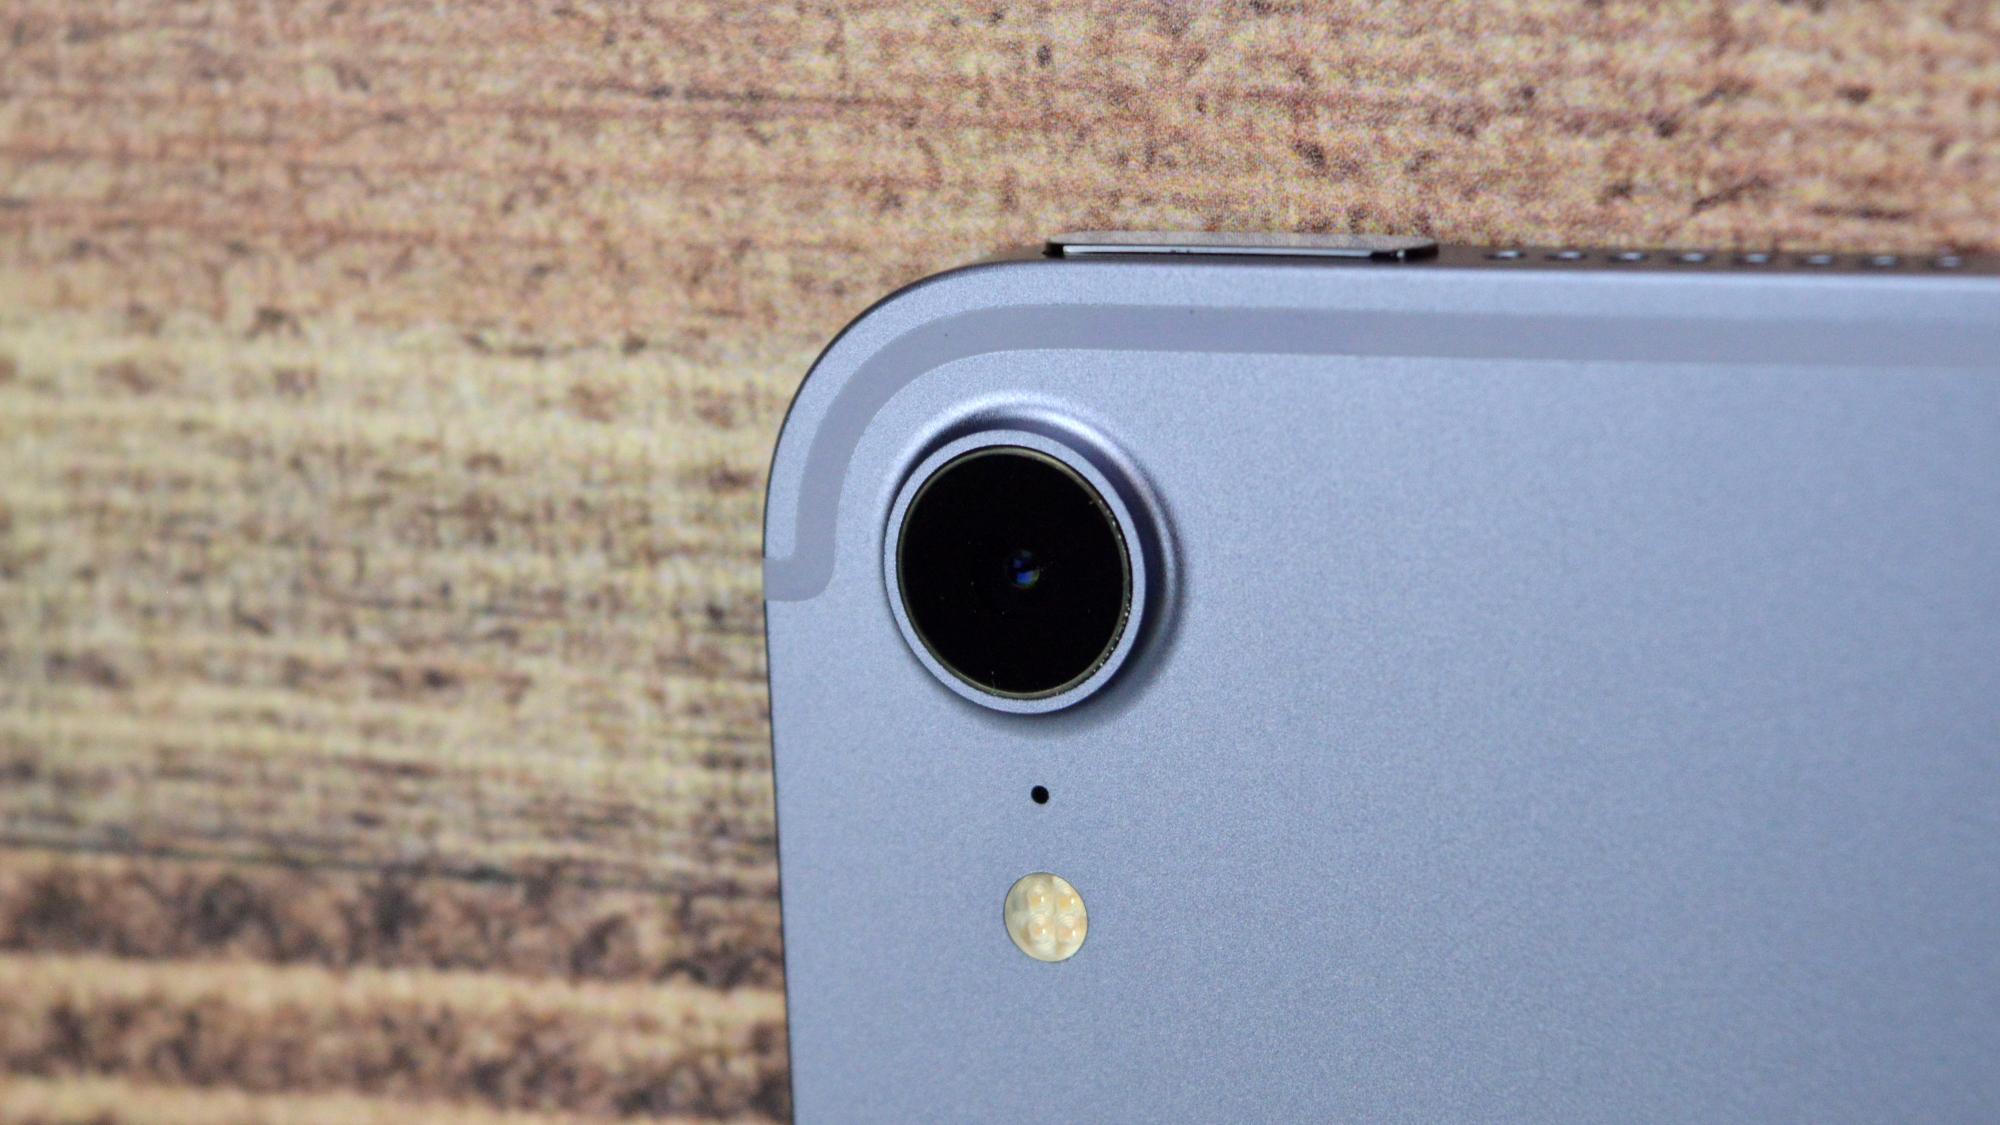 Apple iPad Mini 2021 Camera